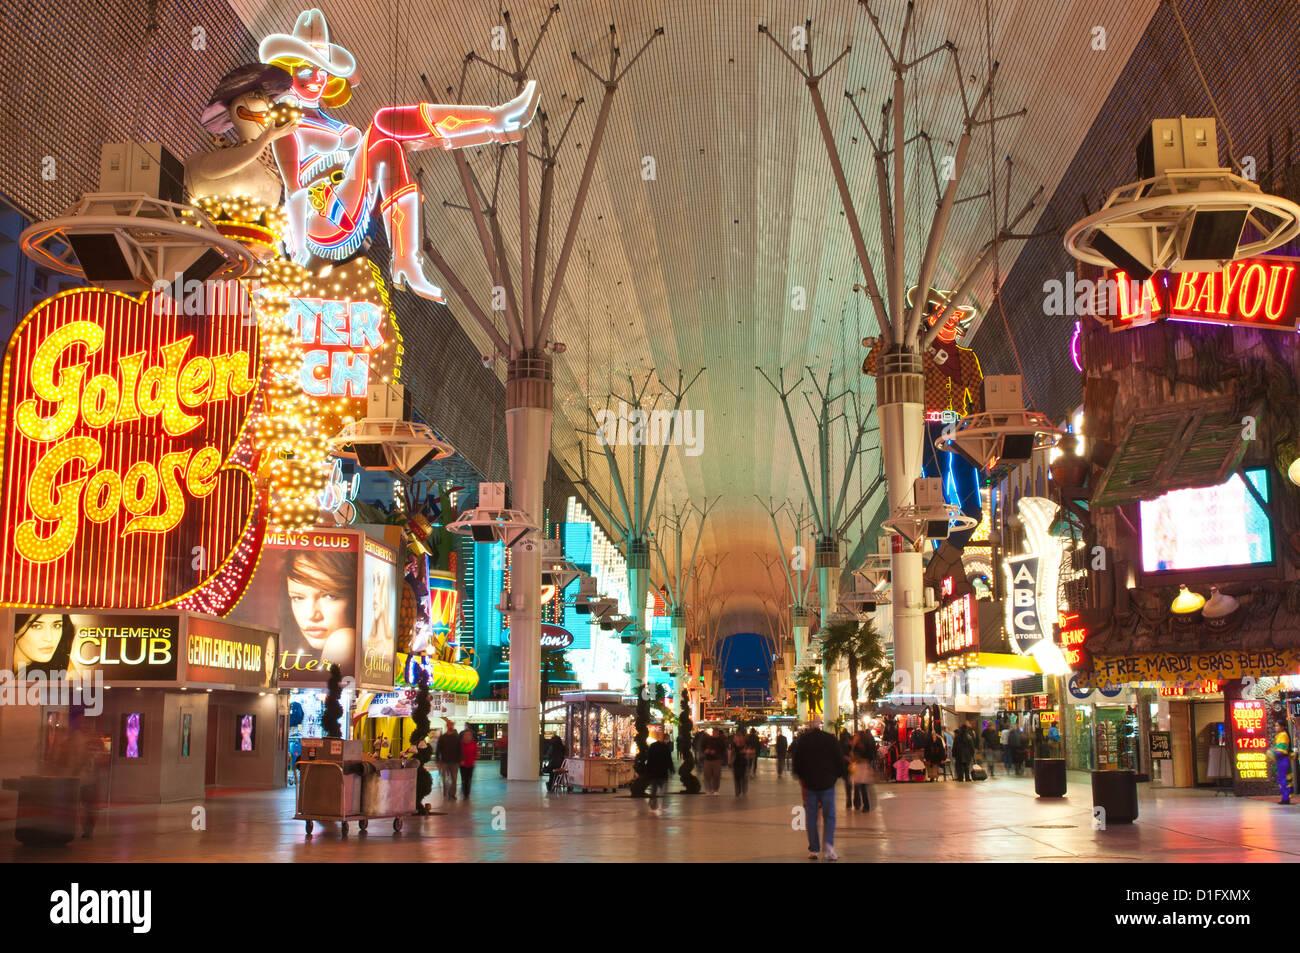 Fremont Street Experience, Las Vegas, Nevada, États-Unis d'Amérique, Amérique du Nord Photo Stock